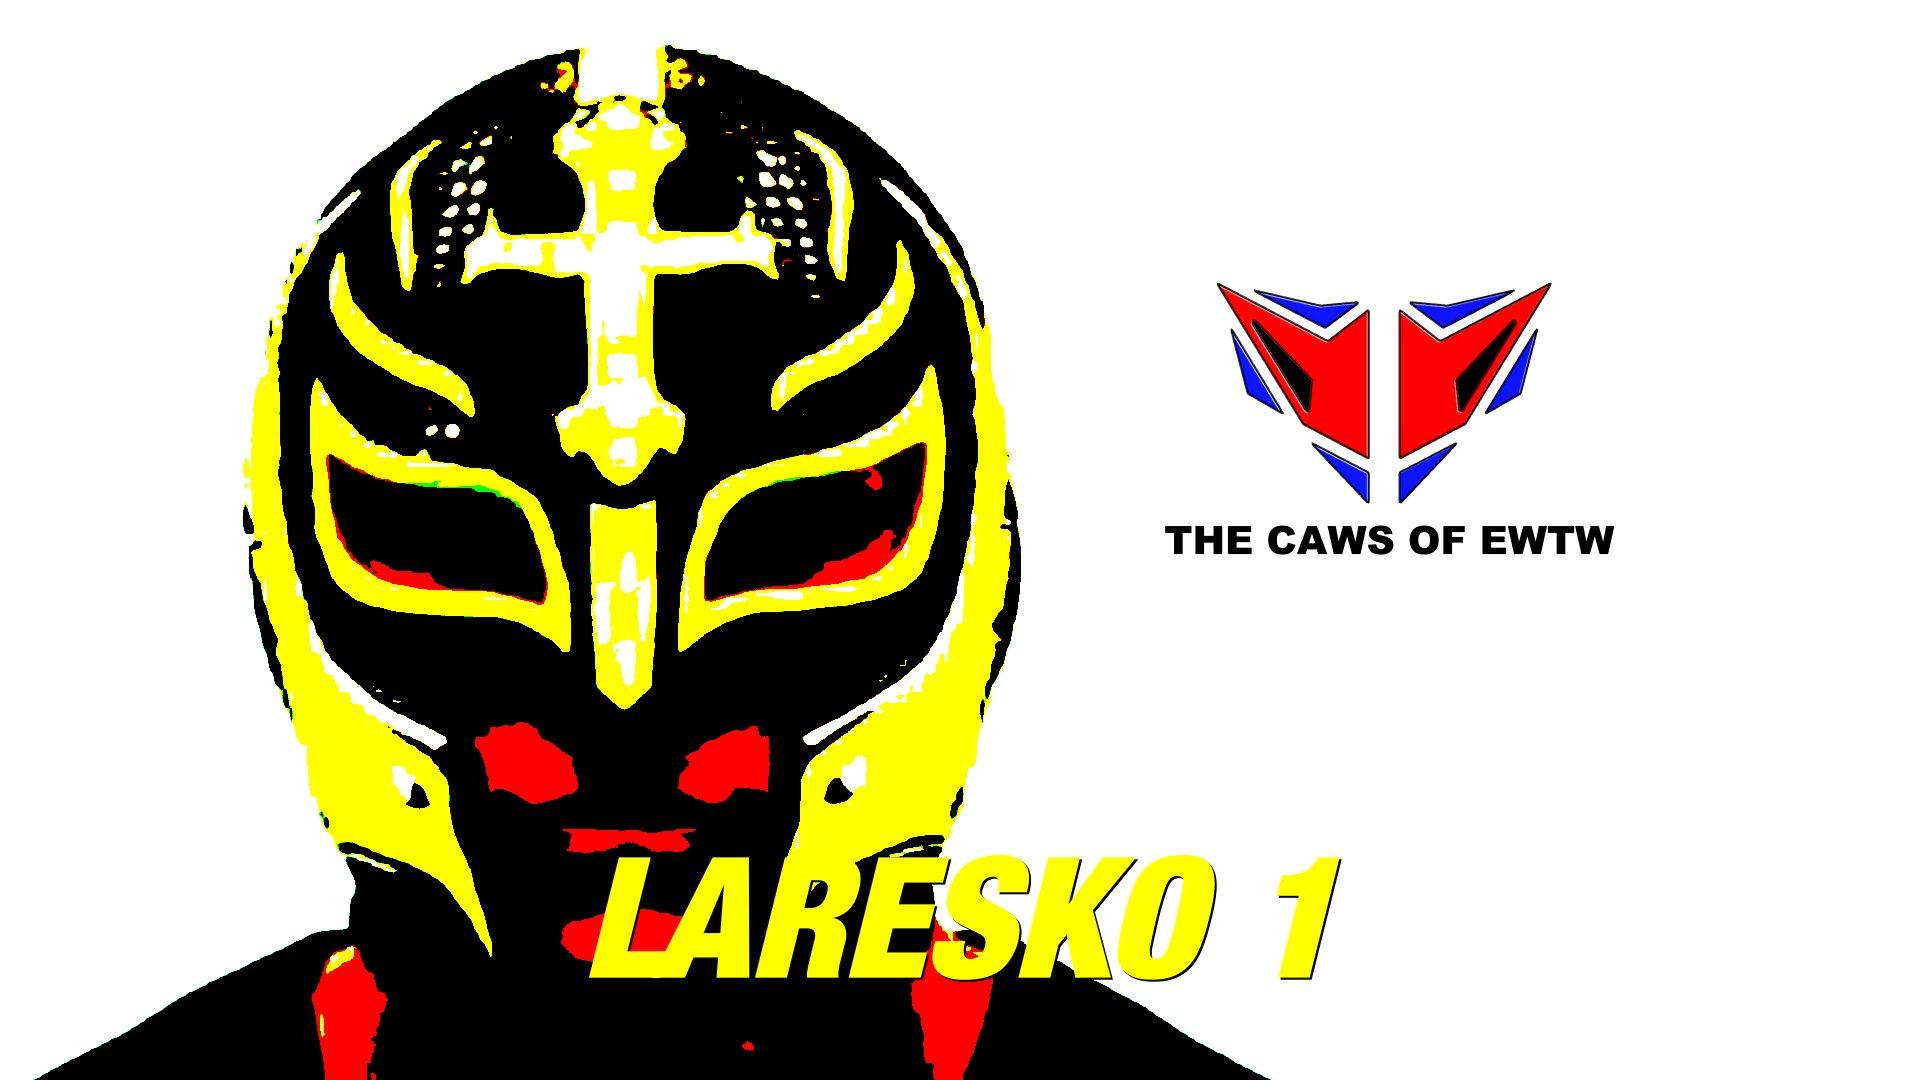 LARESKO-1.jpg